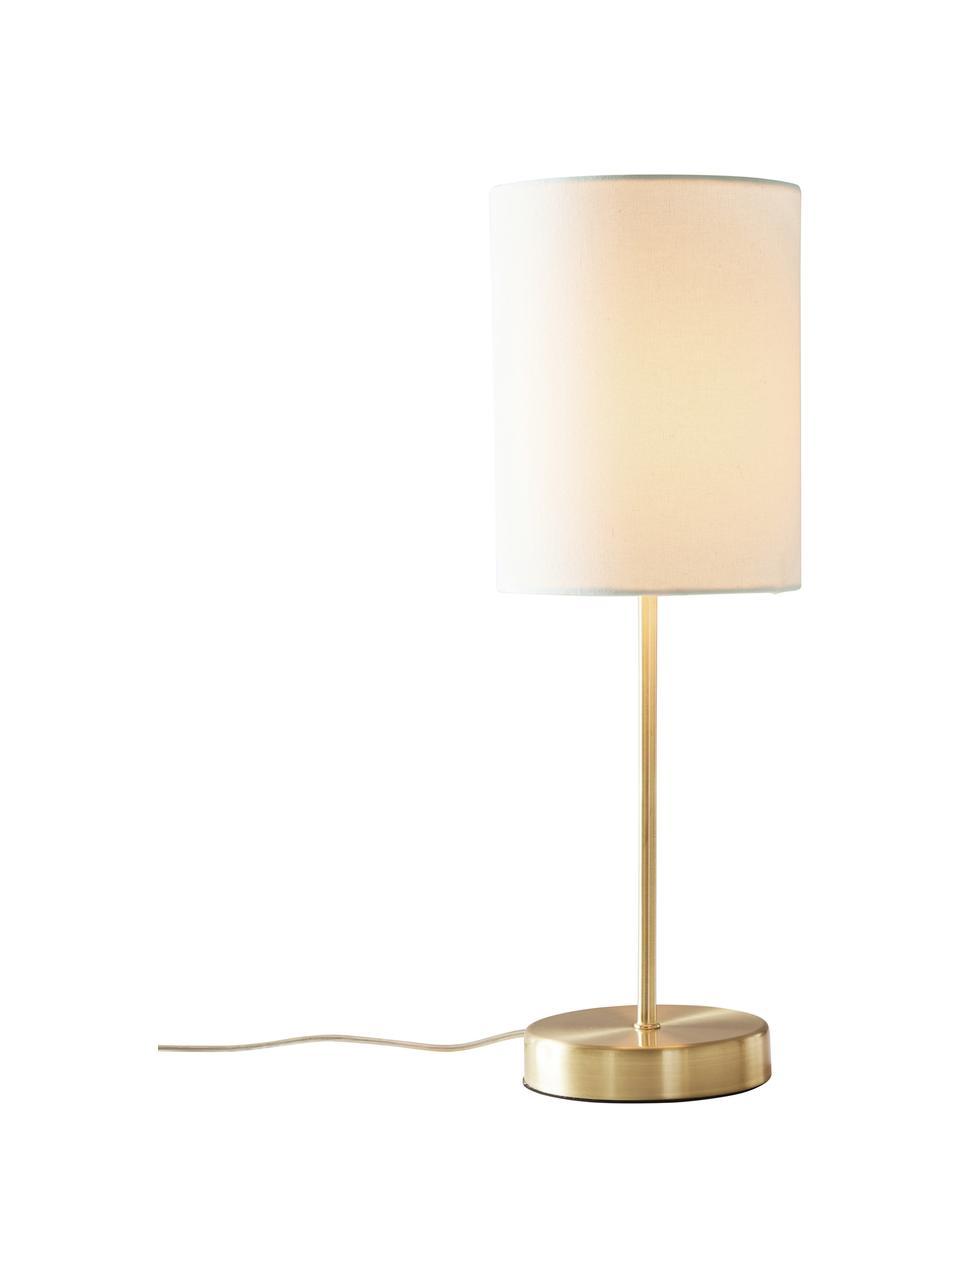 Lampka nocna Seth, 2 szt., Biały, odcienie mosiądzu, Ø 15 x W 45 cm